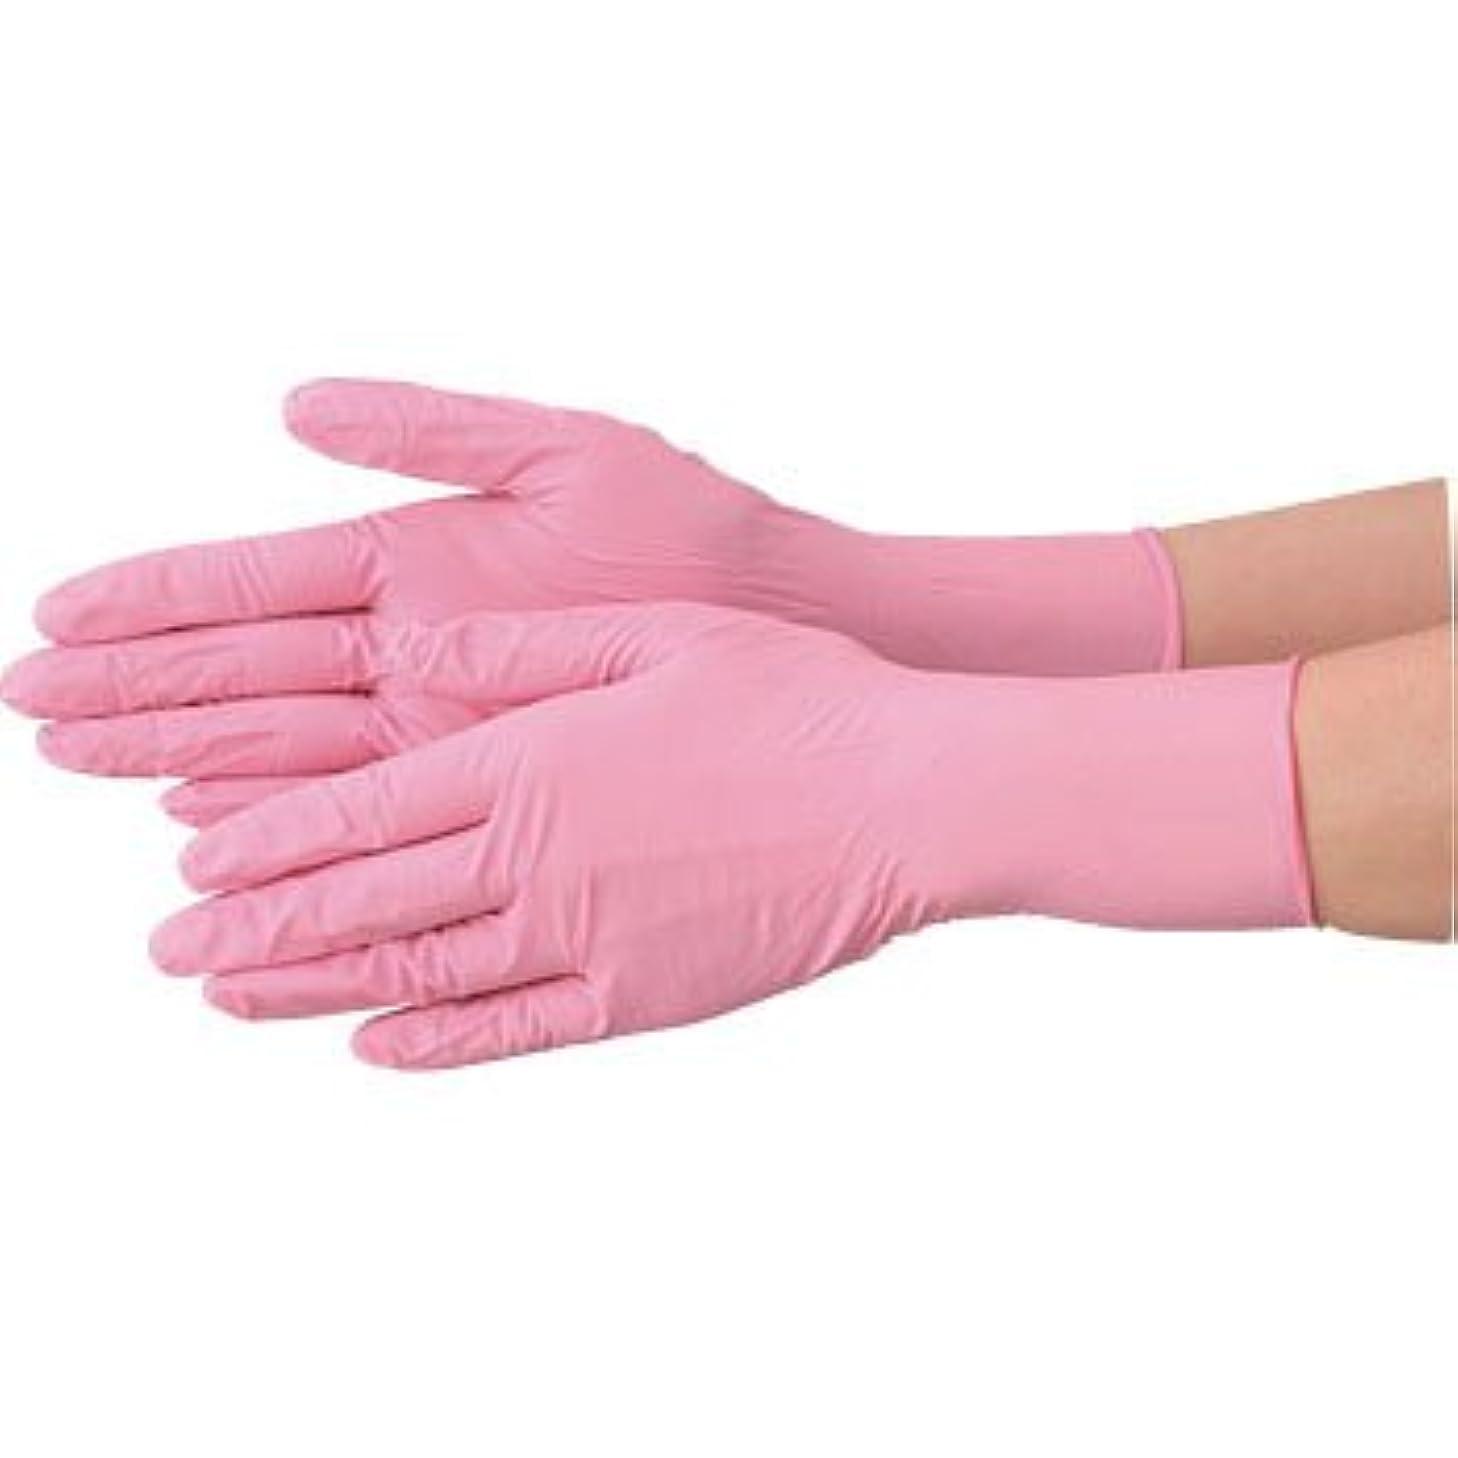 異形返済イディオム使い捨て 手袋 エブノ 570 ニトリル ピンク Lサイズ パウダーフリー 2ケース(100枚×60箱)